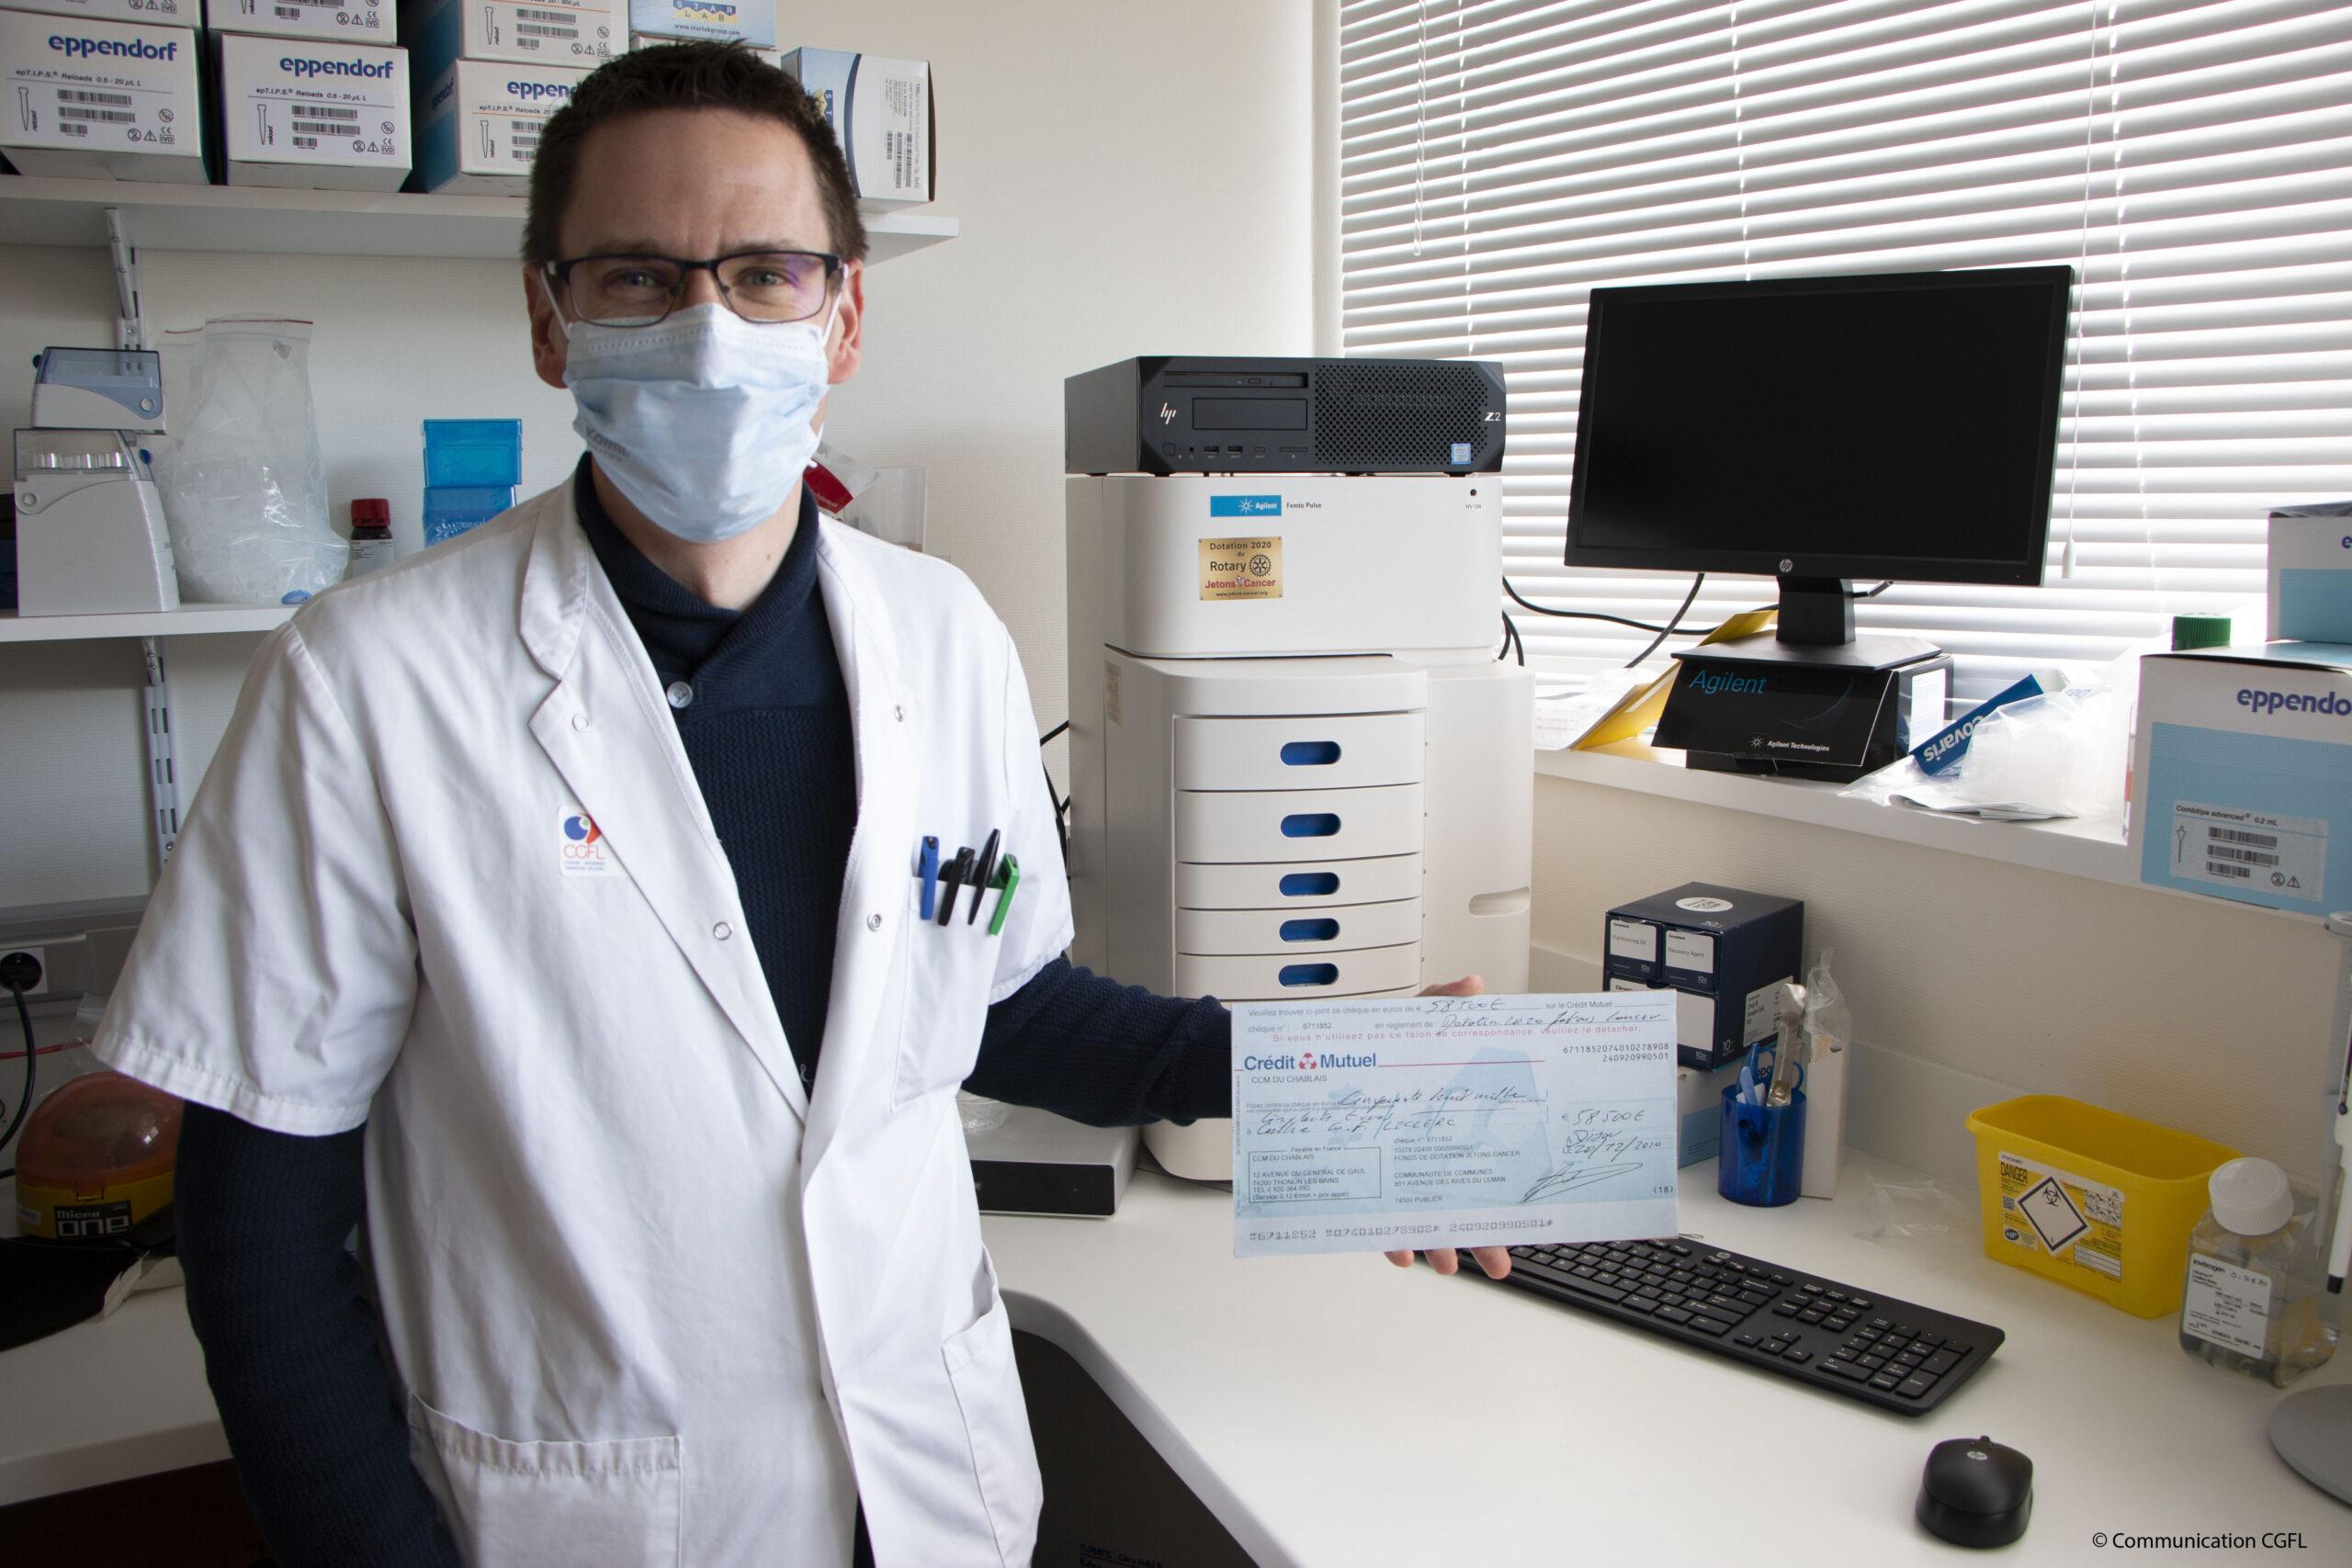 Romain Boidot chercheur en biologie moléculaire et l'équipement FEMTO PULSE